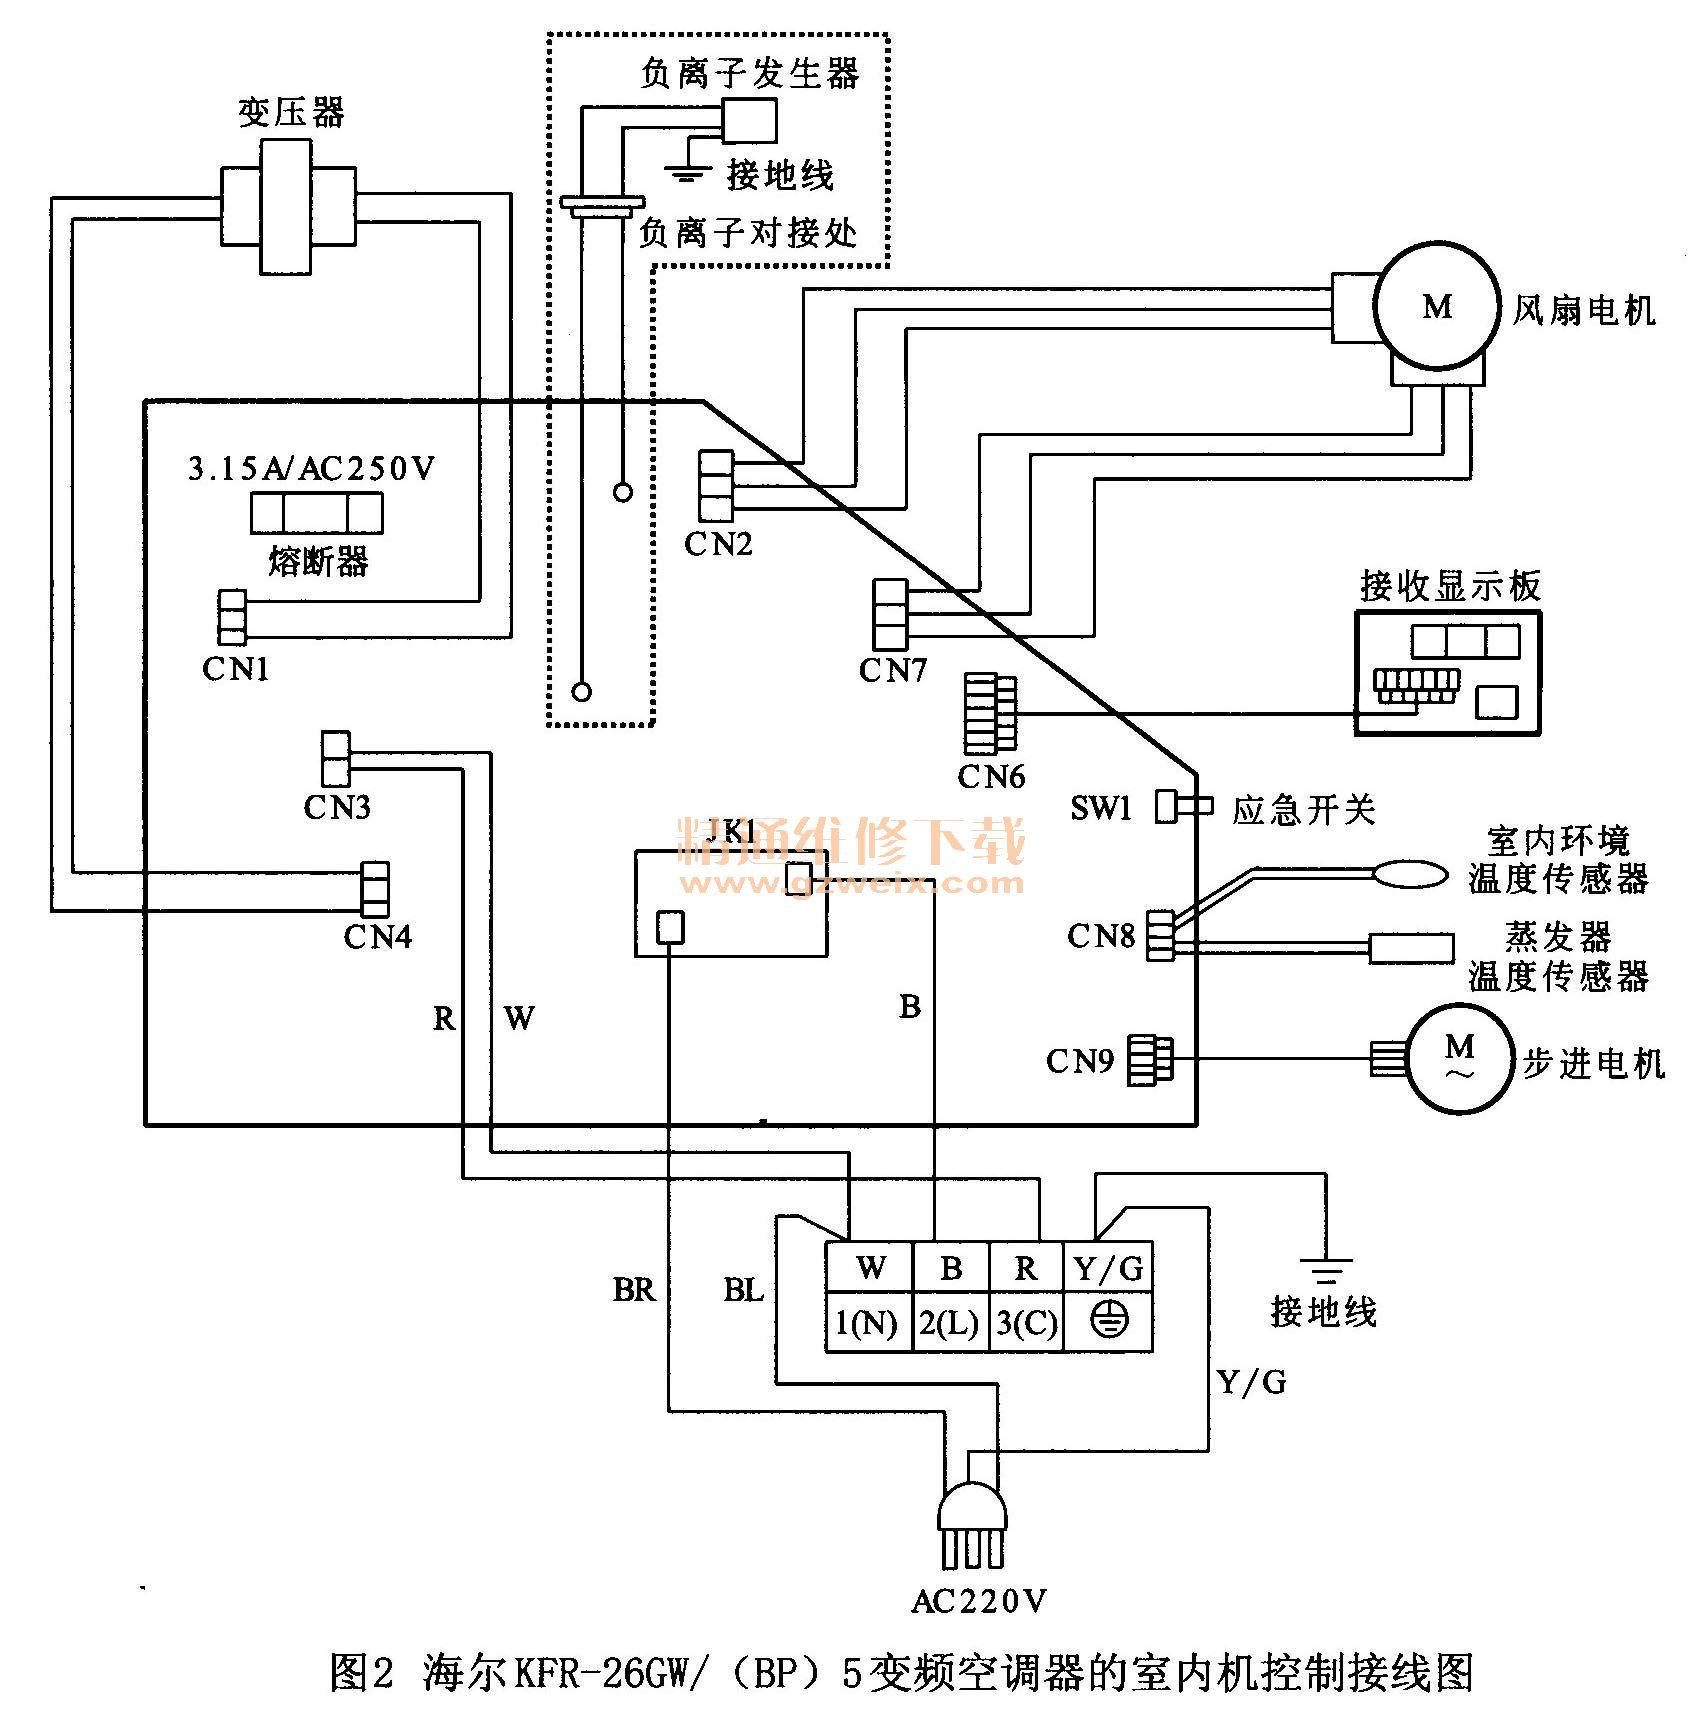 海尔kfr-26gw/(bp)5变频空调器的整机结构